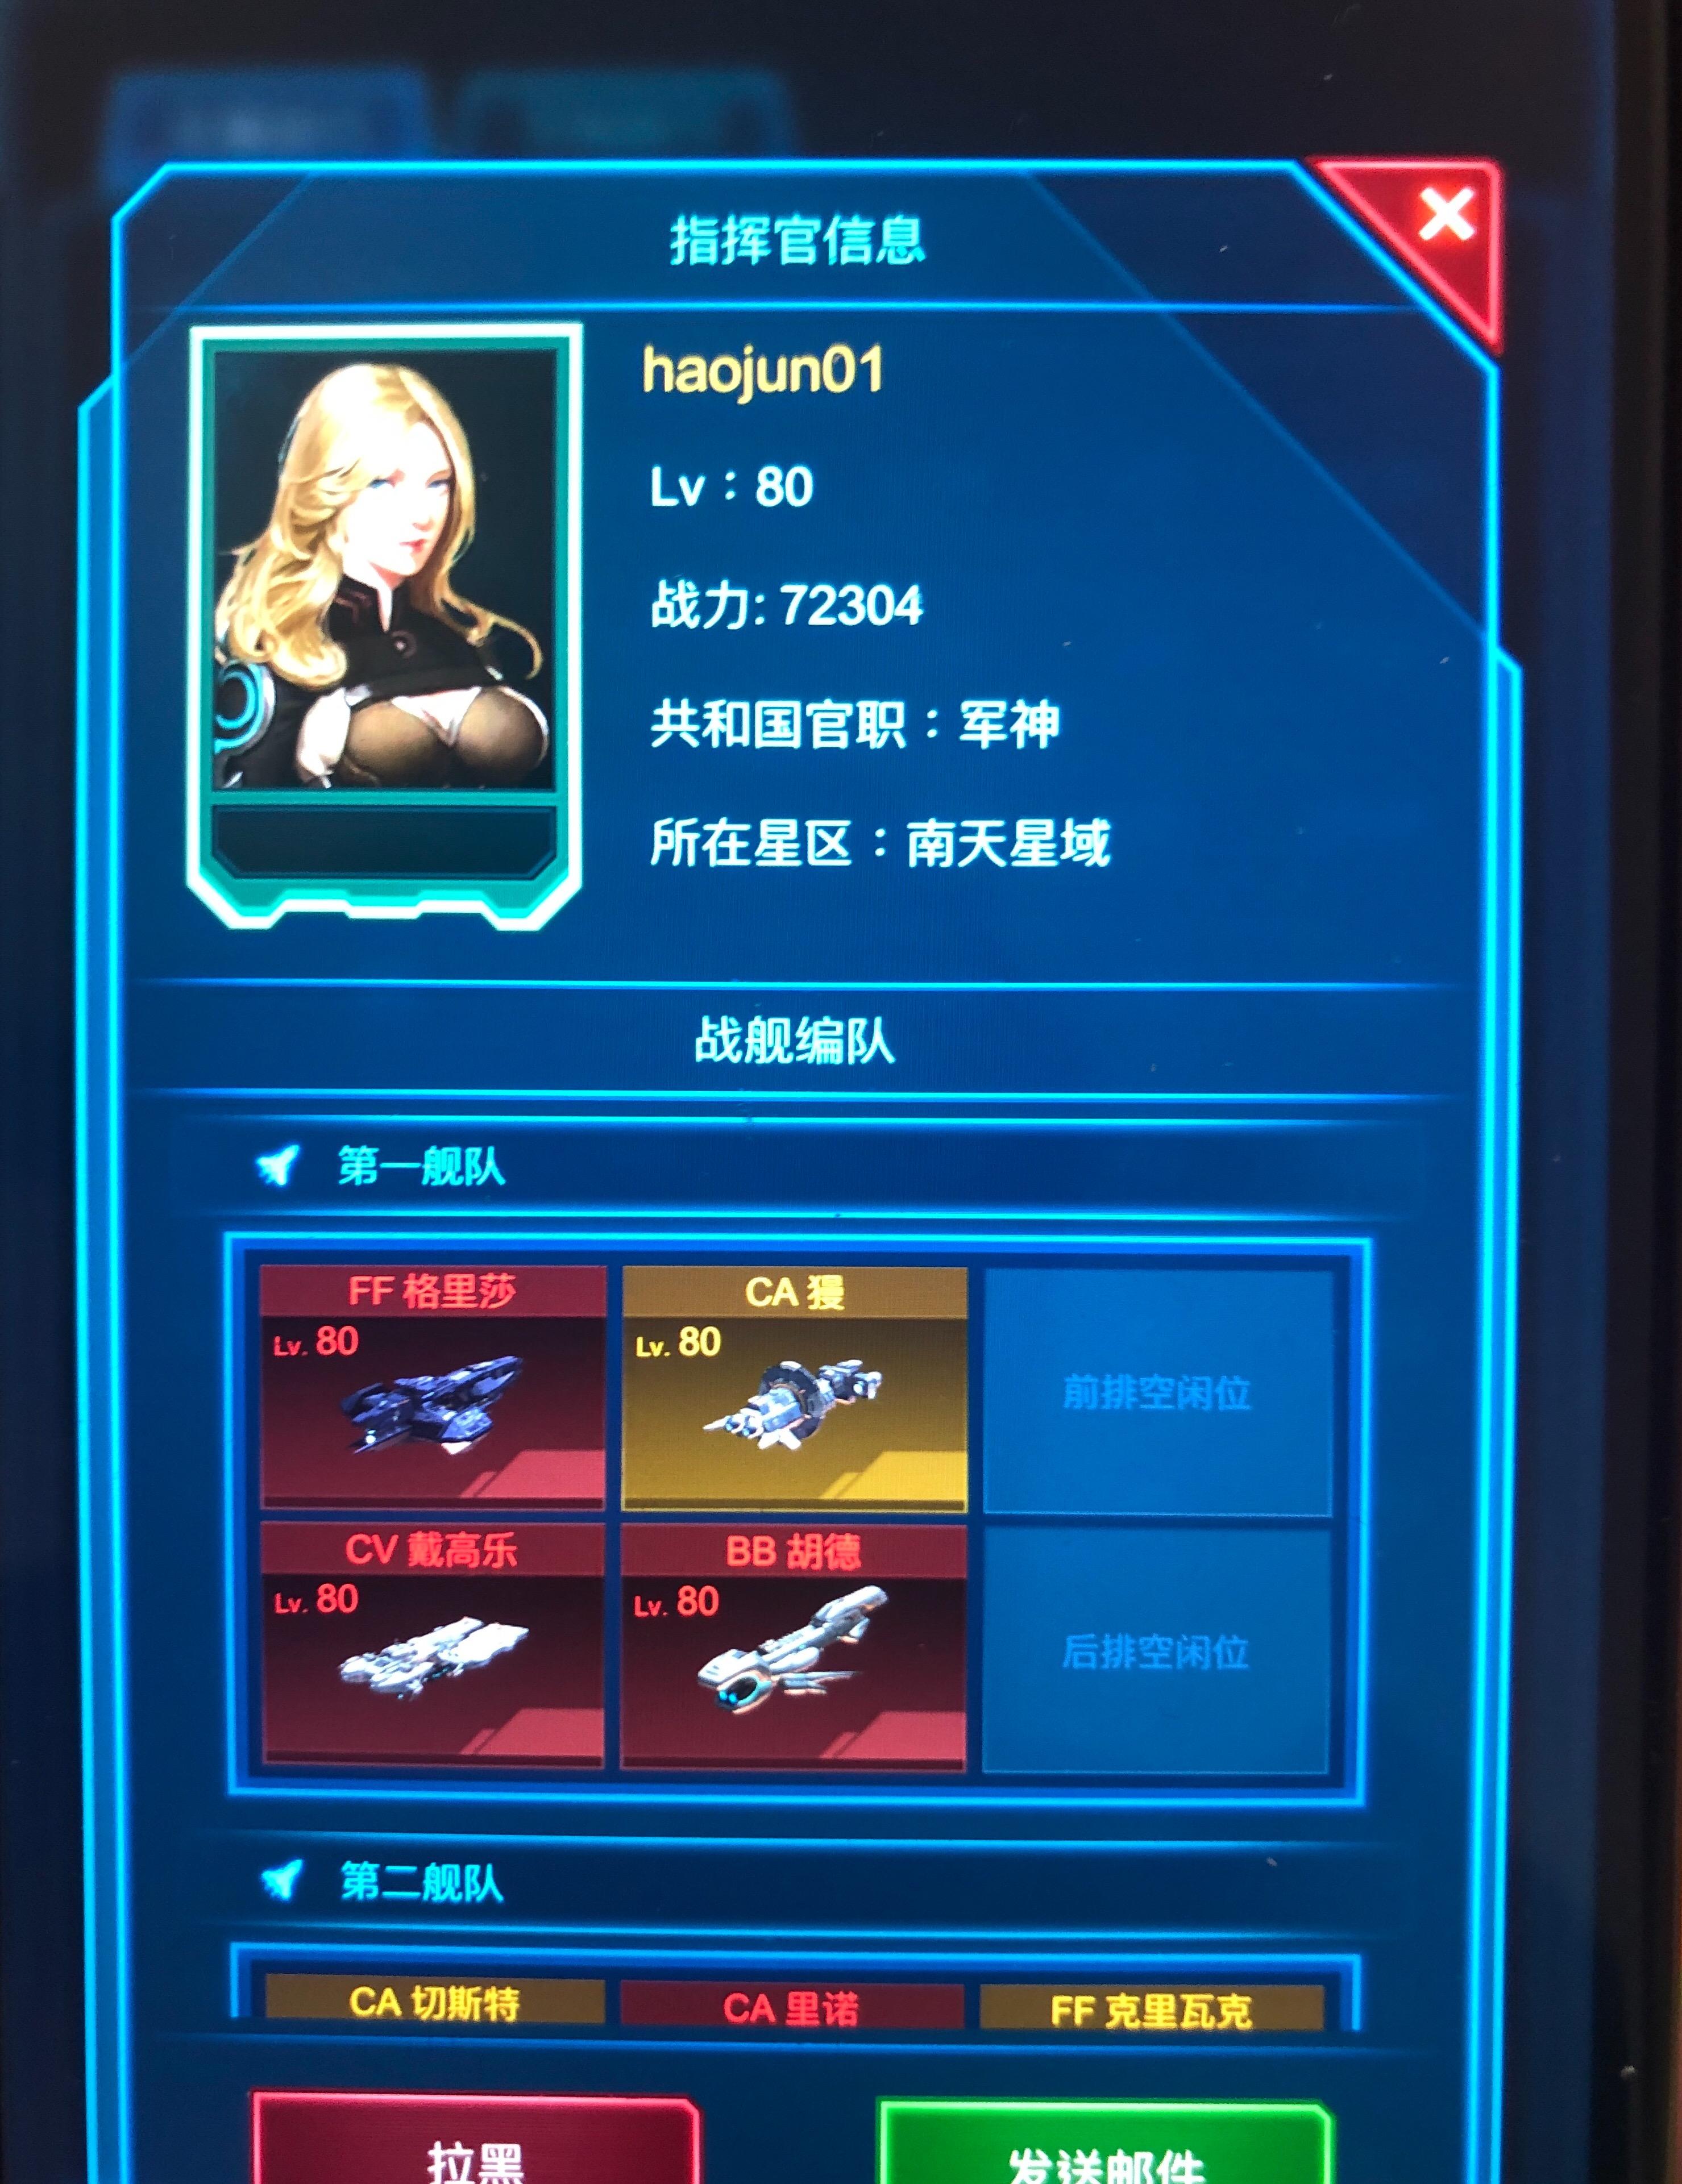 EAB7CA6D-58C1-466C-AB35-CC194B9188F4.jpeg